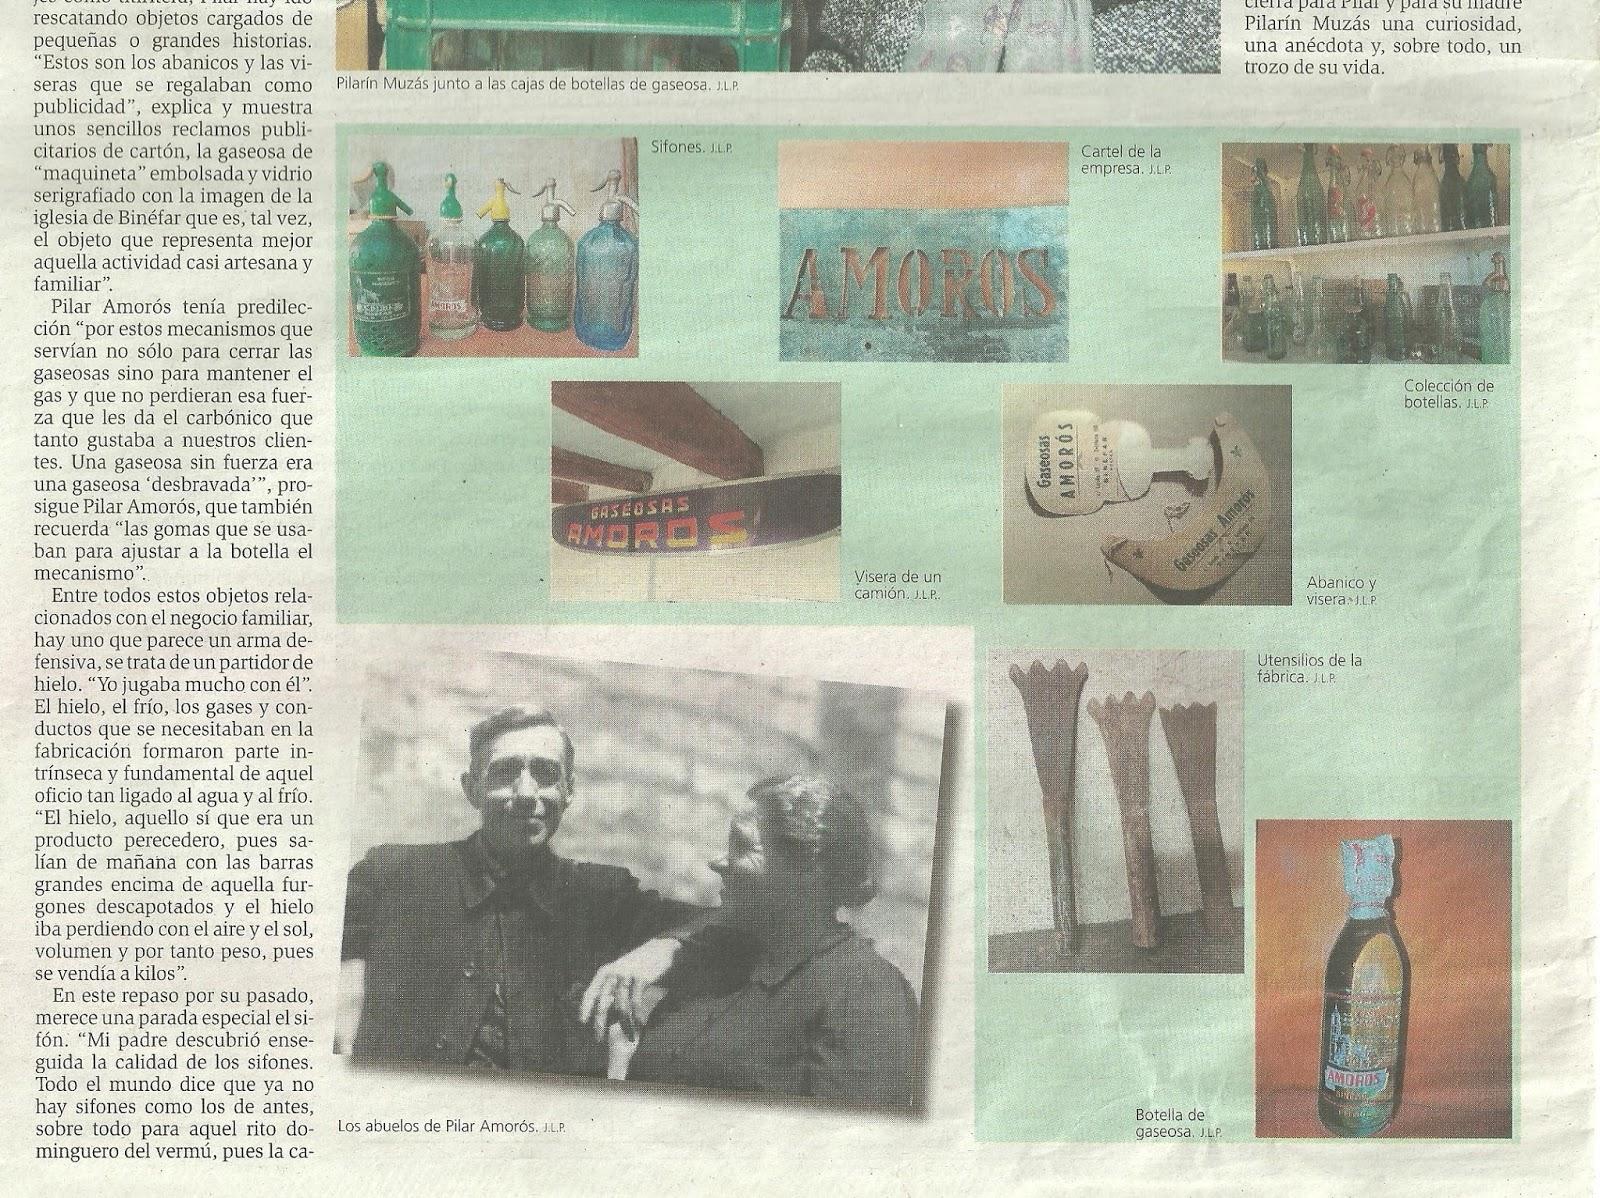 Diario del AltoAragón del 3 de Agosto de 2014 : Pilar Amorós